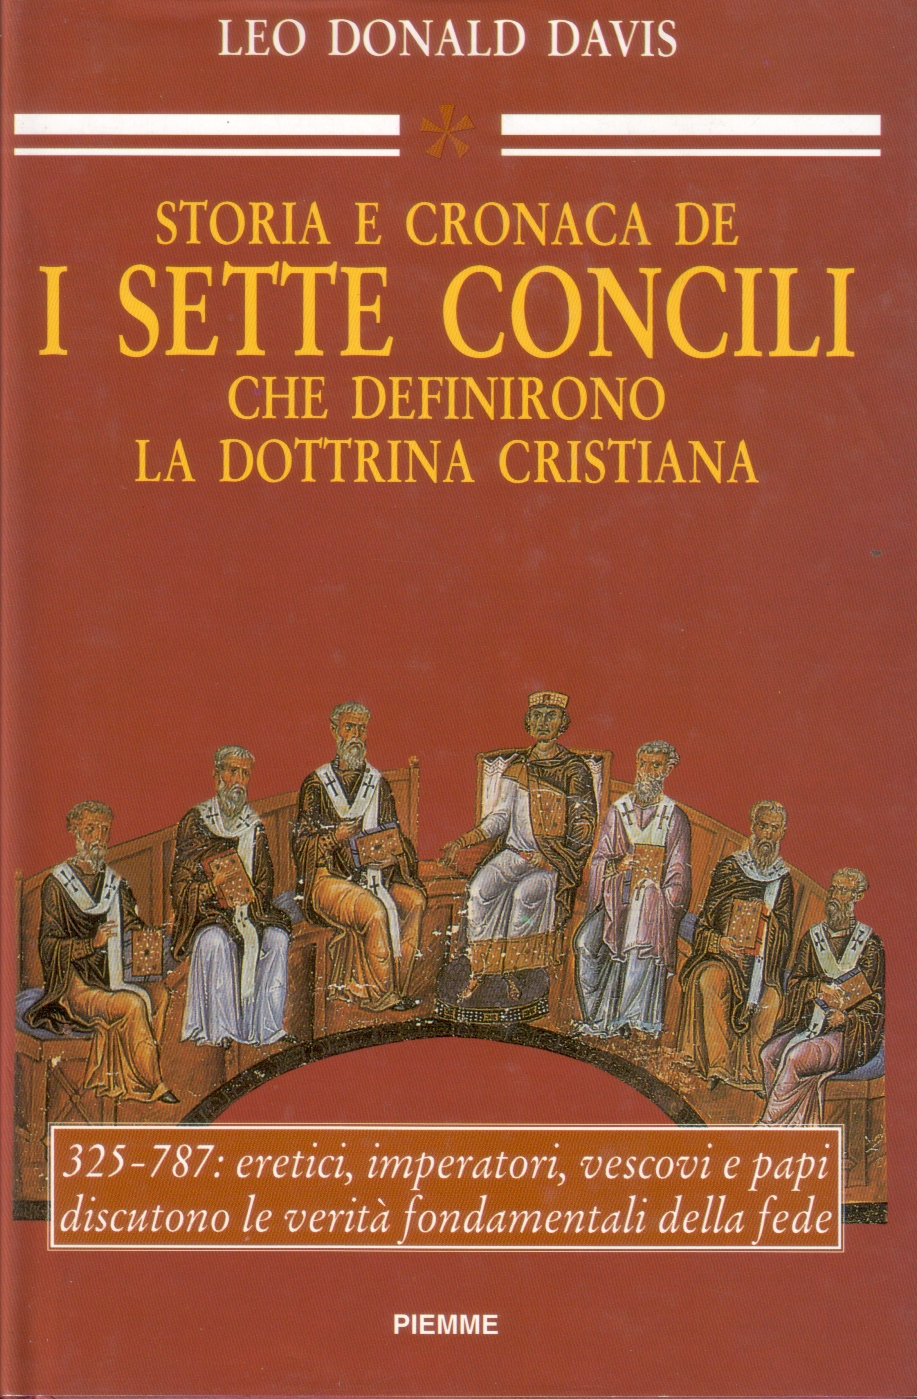 Storia e cronaca de i sette Concili che definirono la dottrina cristiana